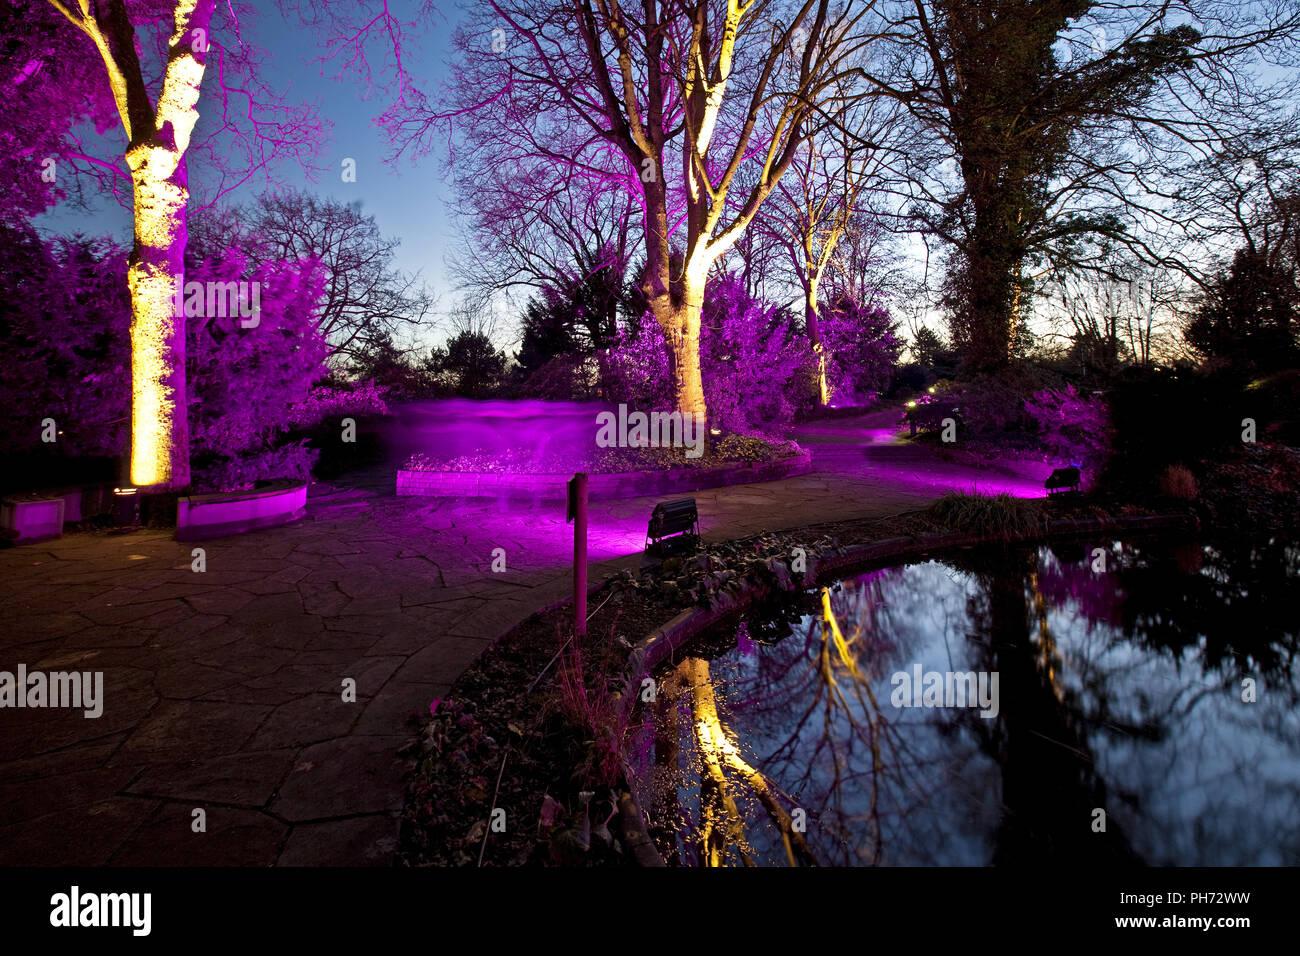 Feux d'hiver, parc de la Westphalie, Dortmund, Allemagne. Photo Stock